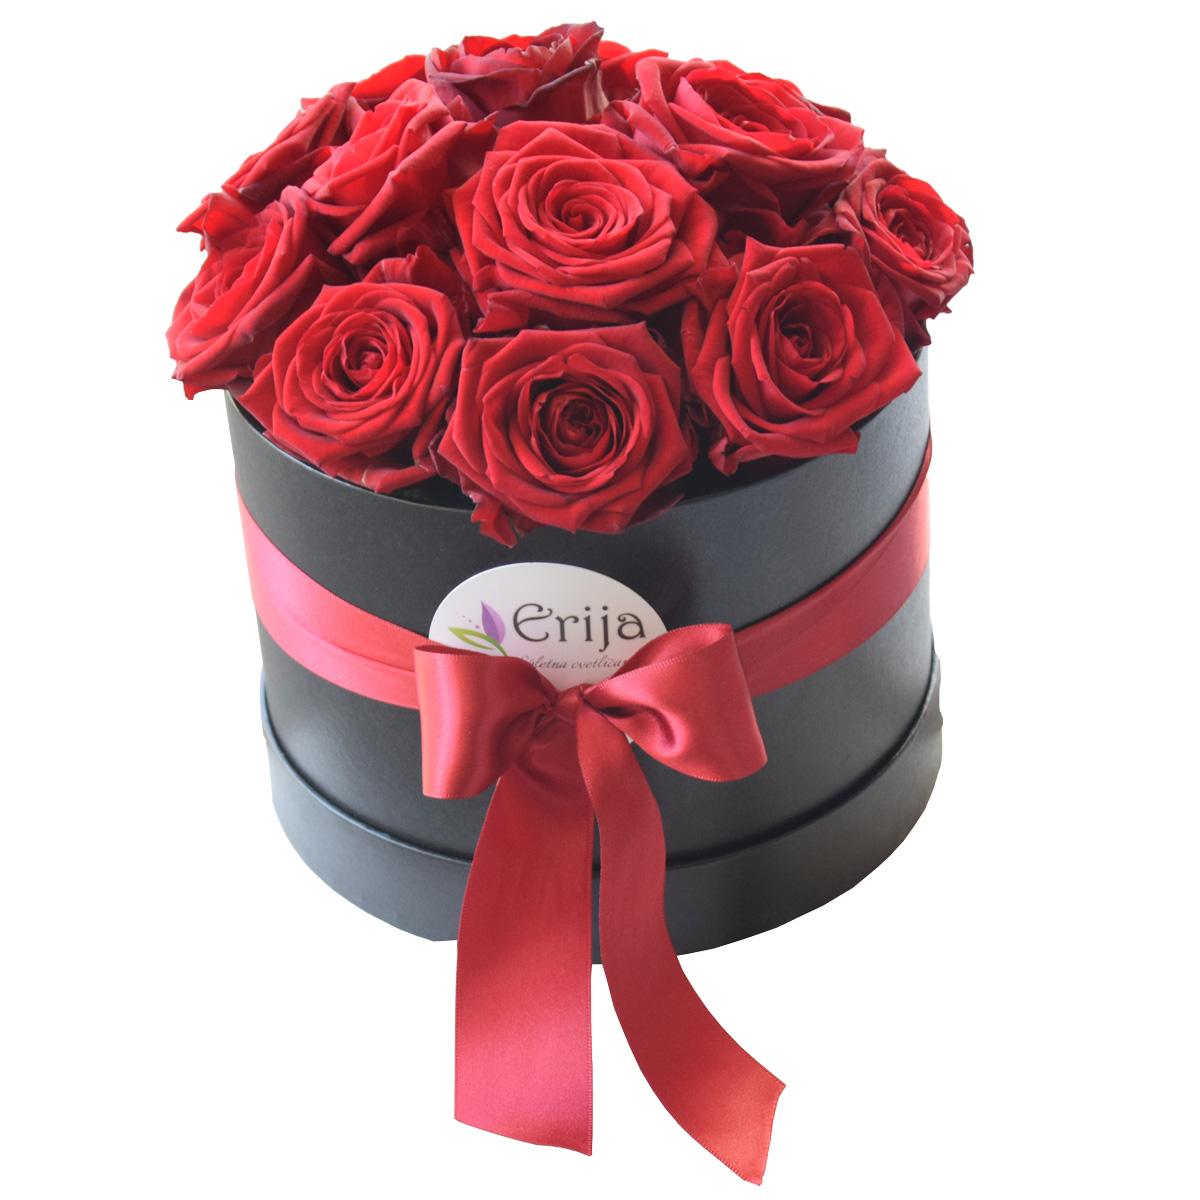 Moja-si-Flowerbox